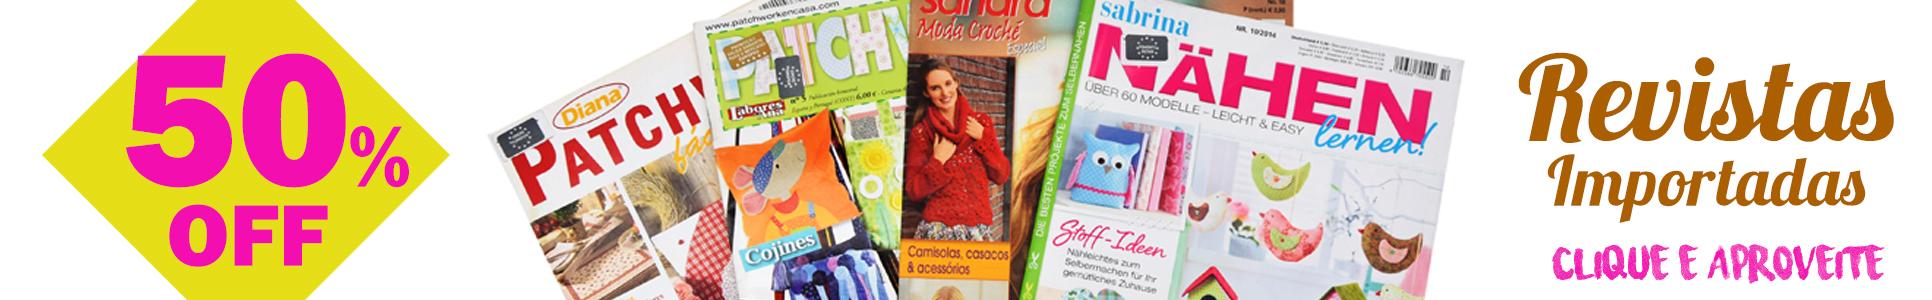 Revistas Importadas